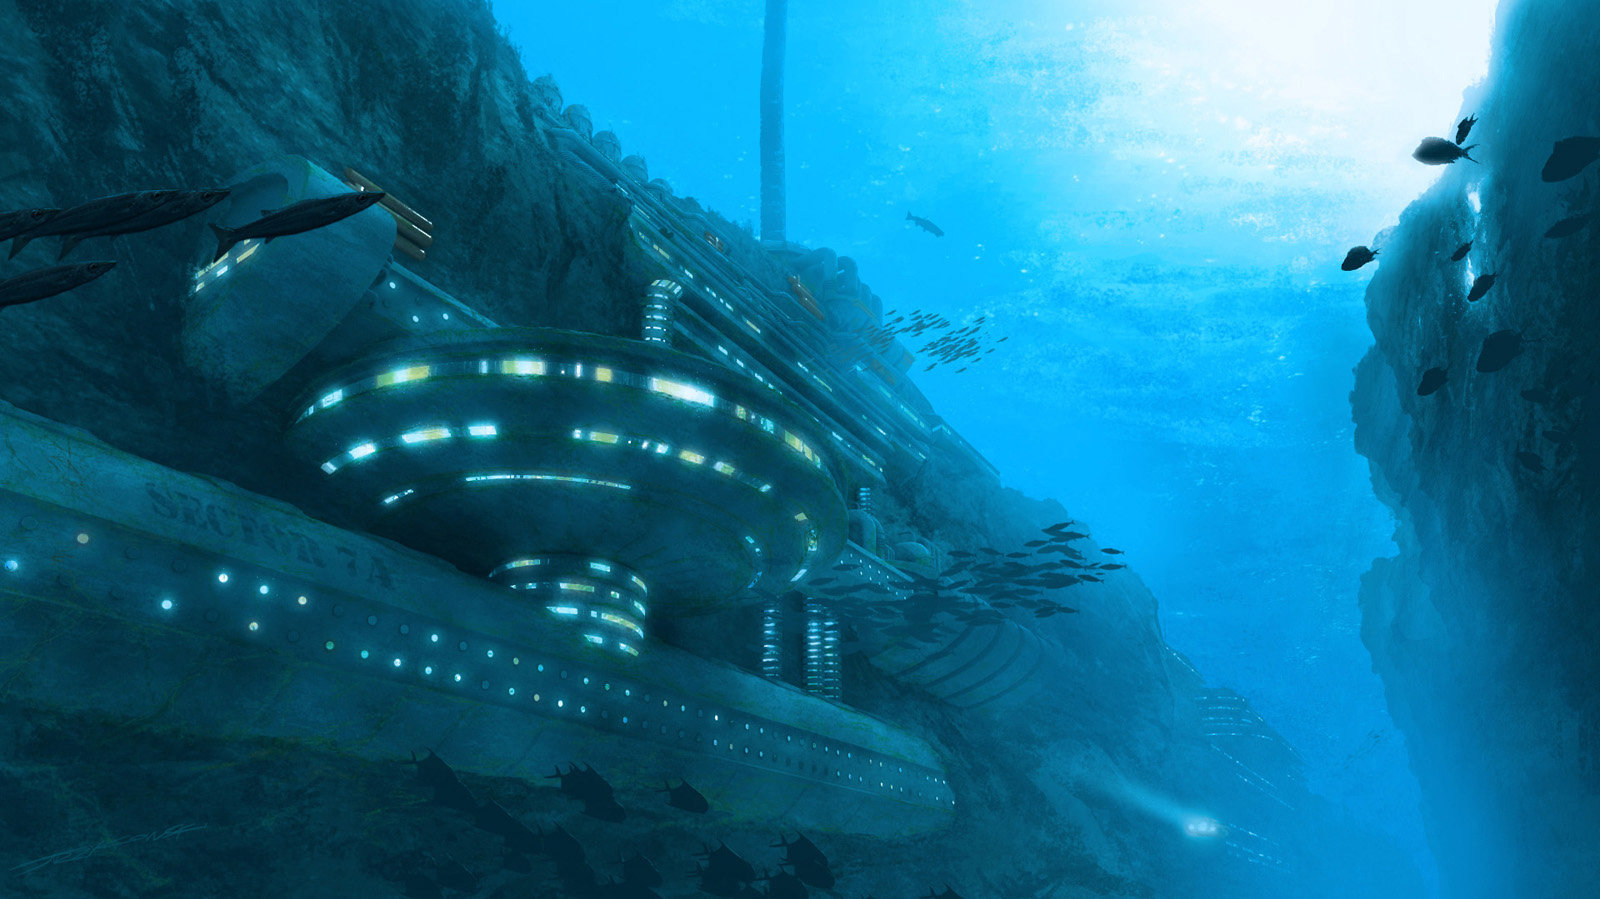 Jacek irzykowski underwater reasearch facility